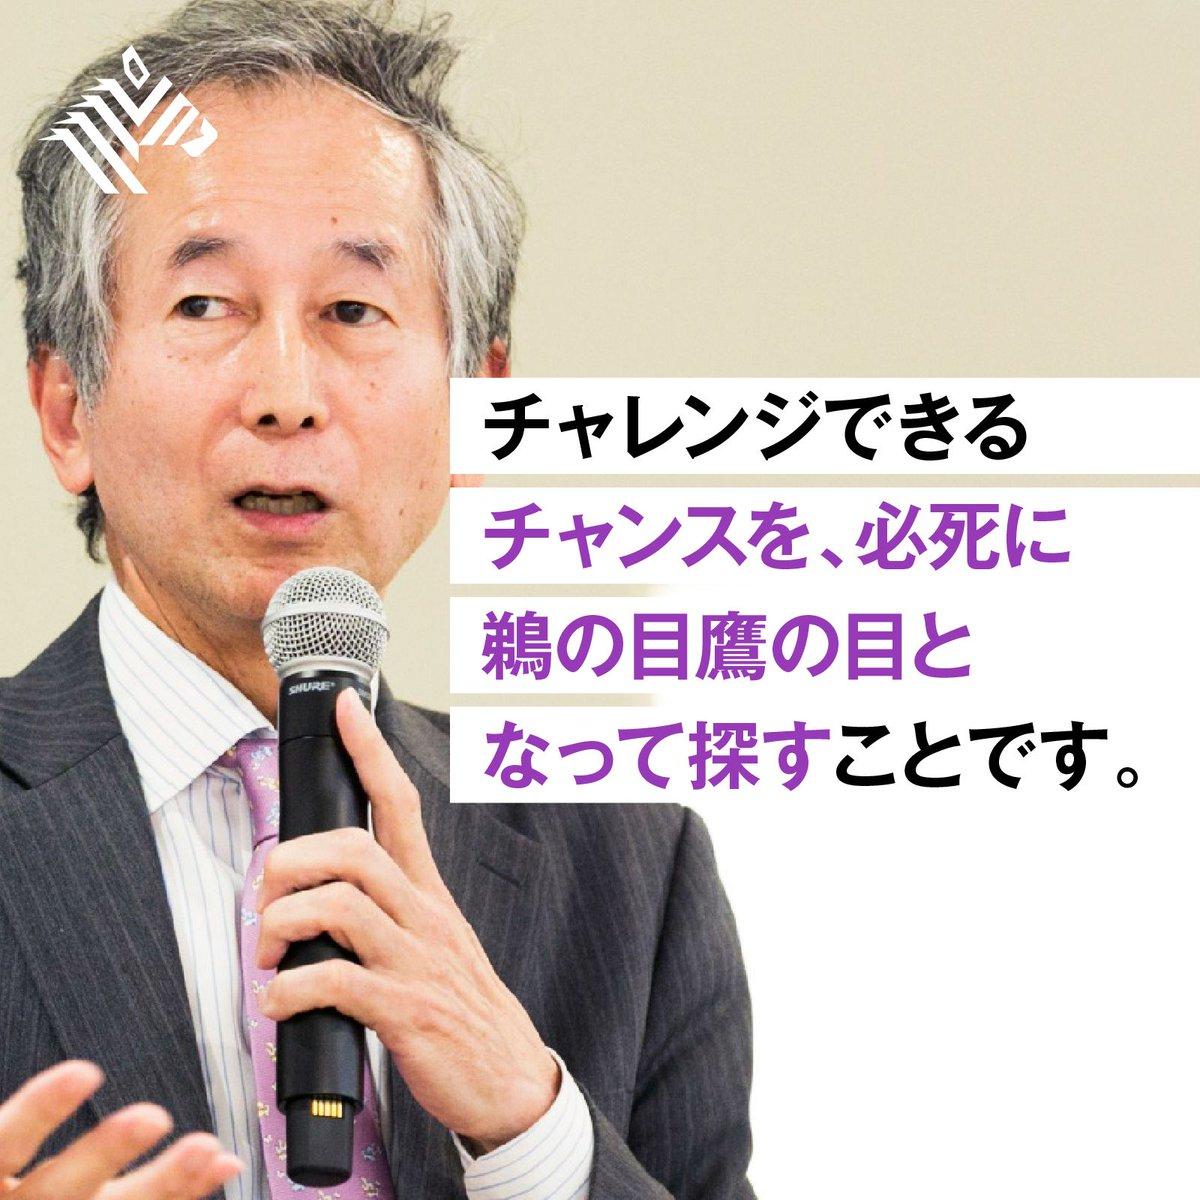 📙今日の学び📙「リーダーとして成長するためには、修羅場を経験することが重要」「個人として、自ら修羅場の経験を獲得する」方法を、早稲田大学ビジネススクール教授の内田和成氏が明かします。全文を読む👉